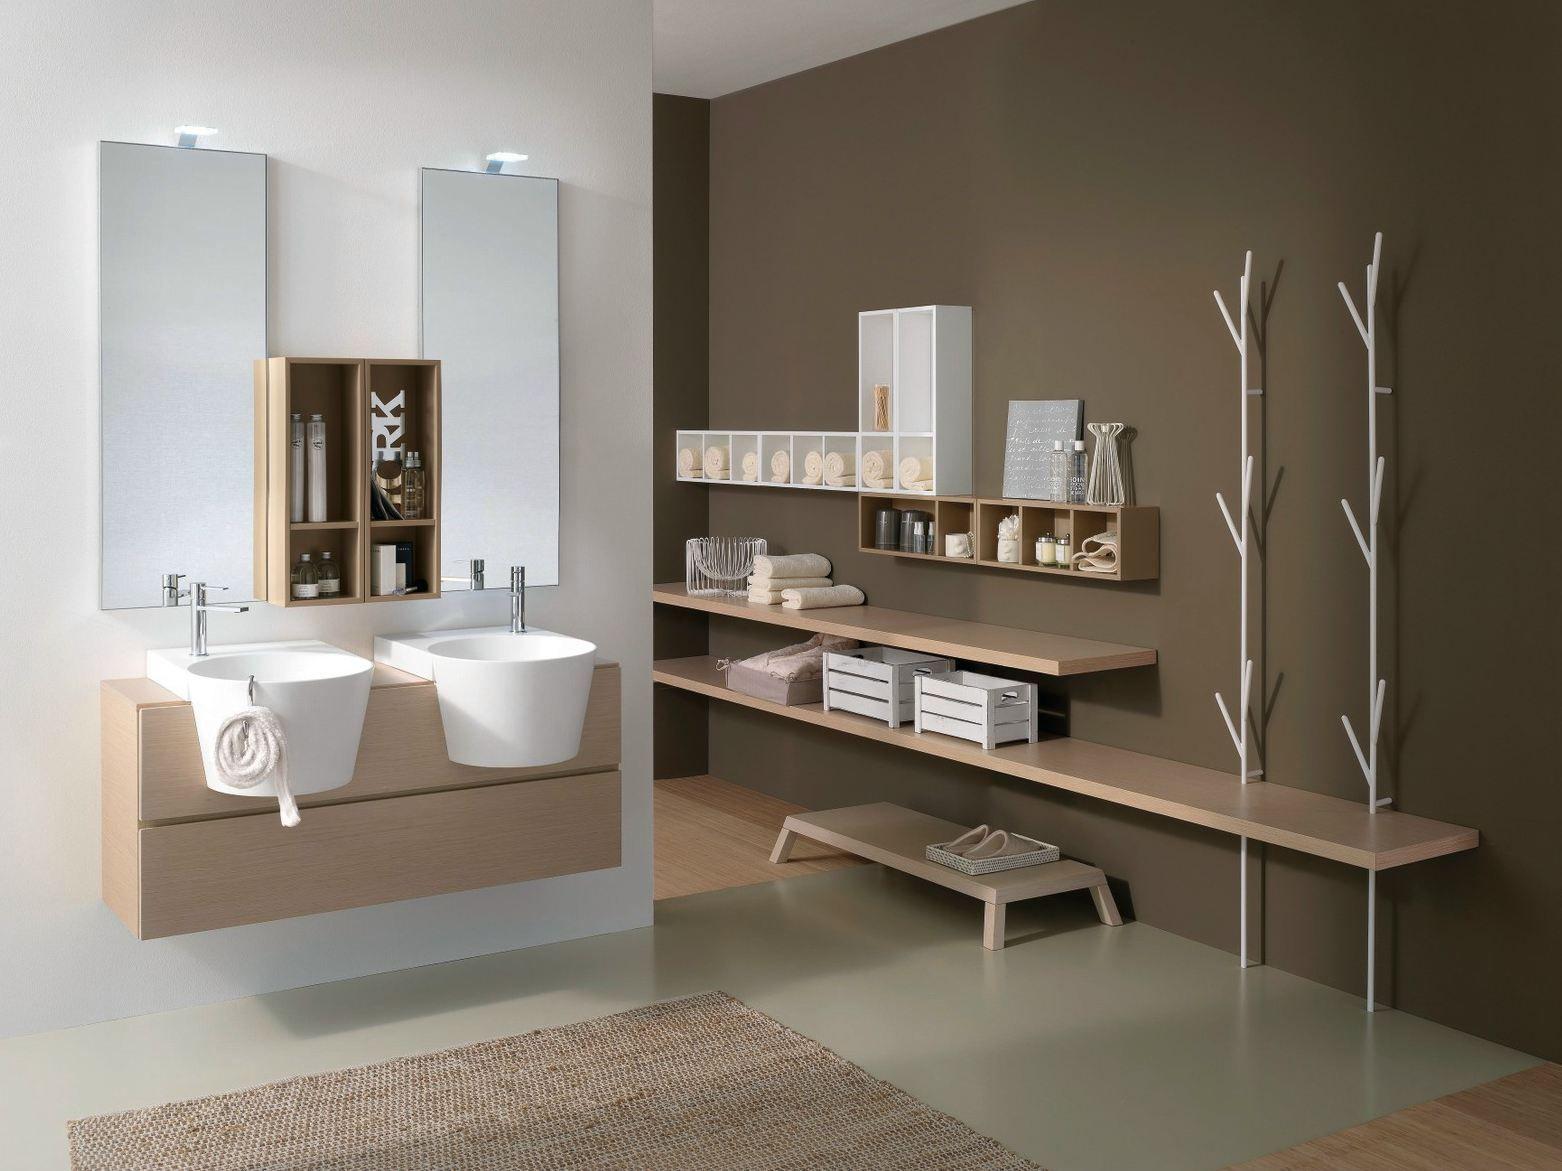 Arredo bagno completo canestro composizione c12 by for Composizione bagno